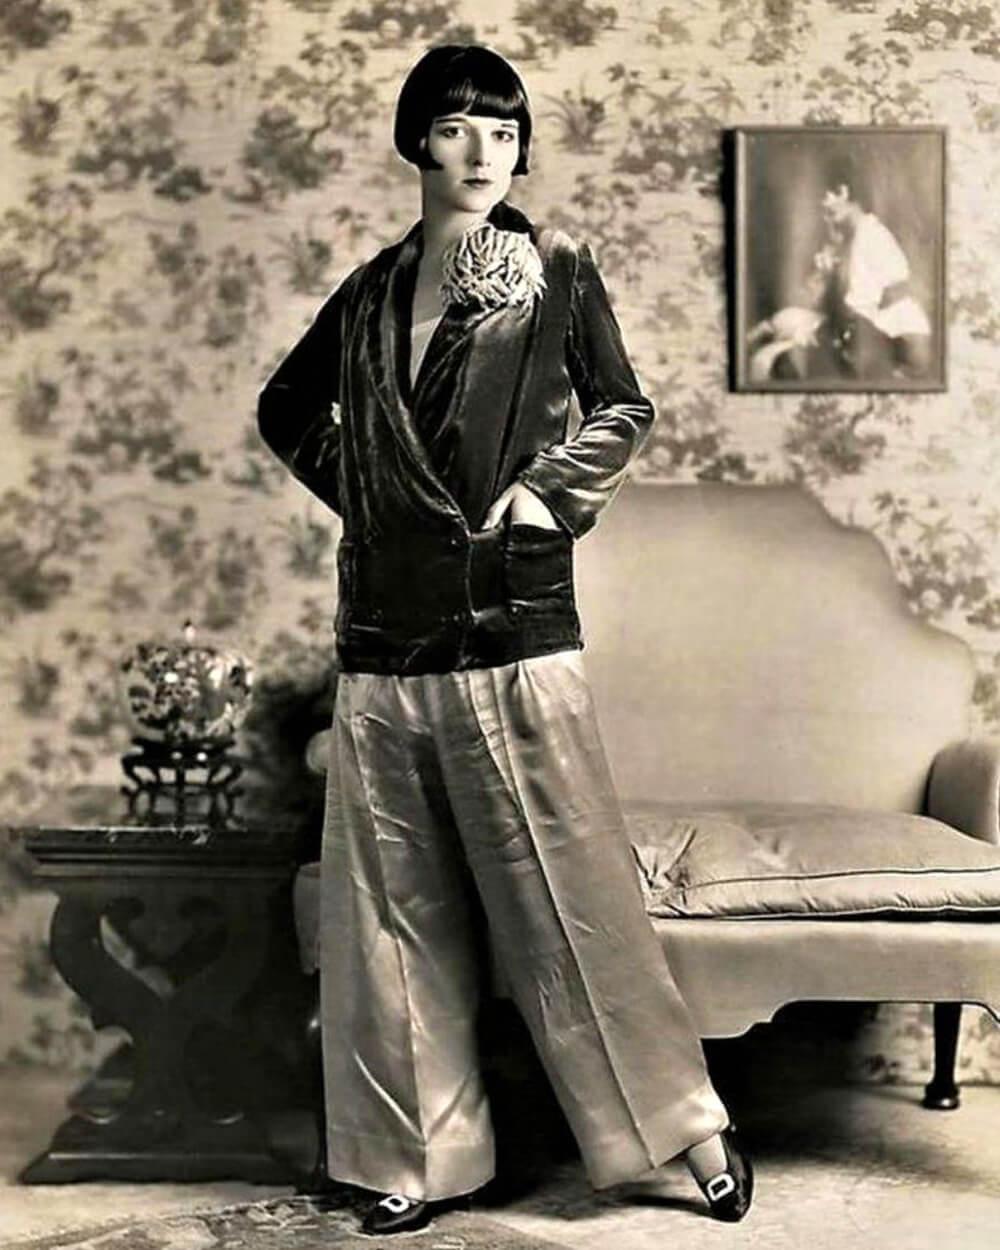 Flapper style of 1900s women wearing trousers